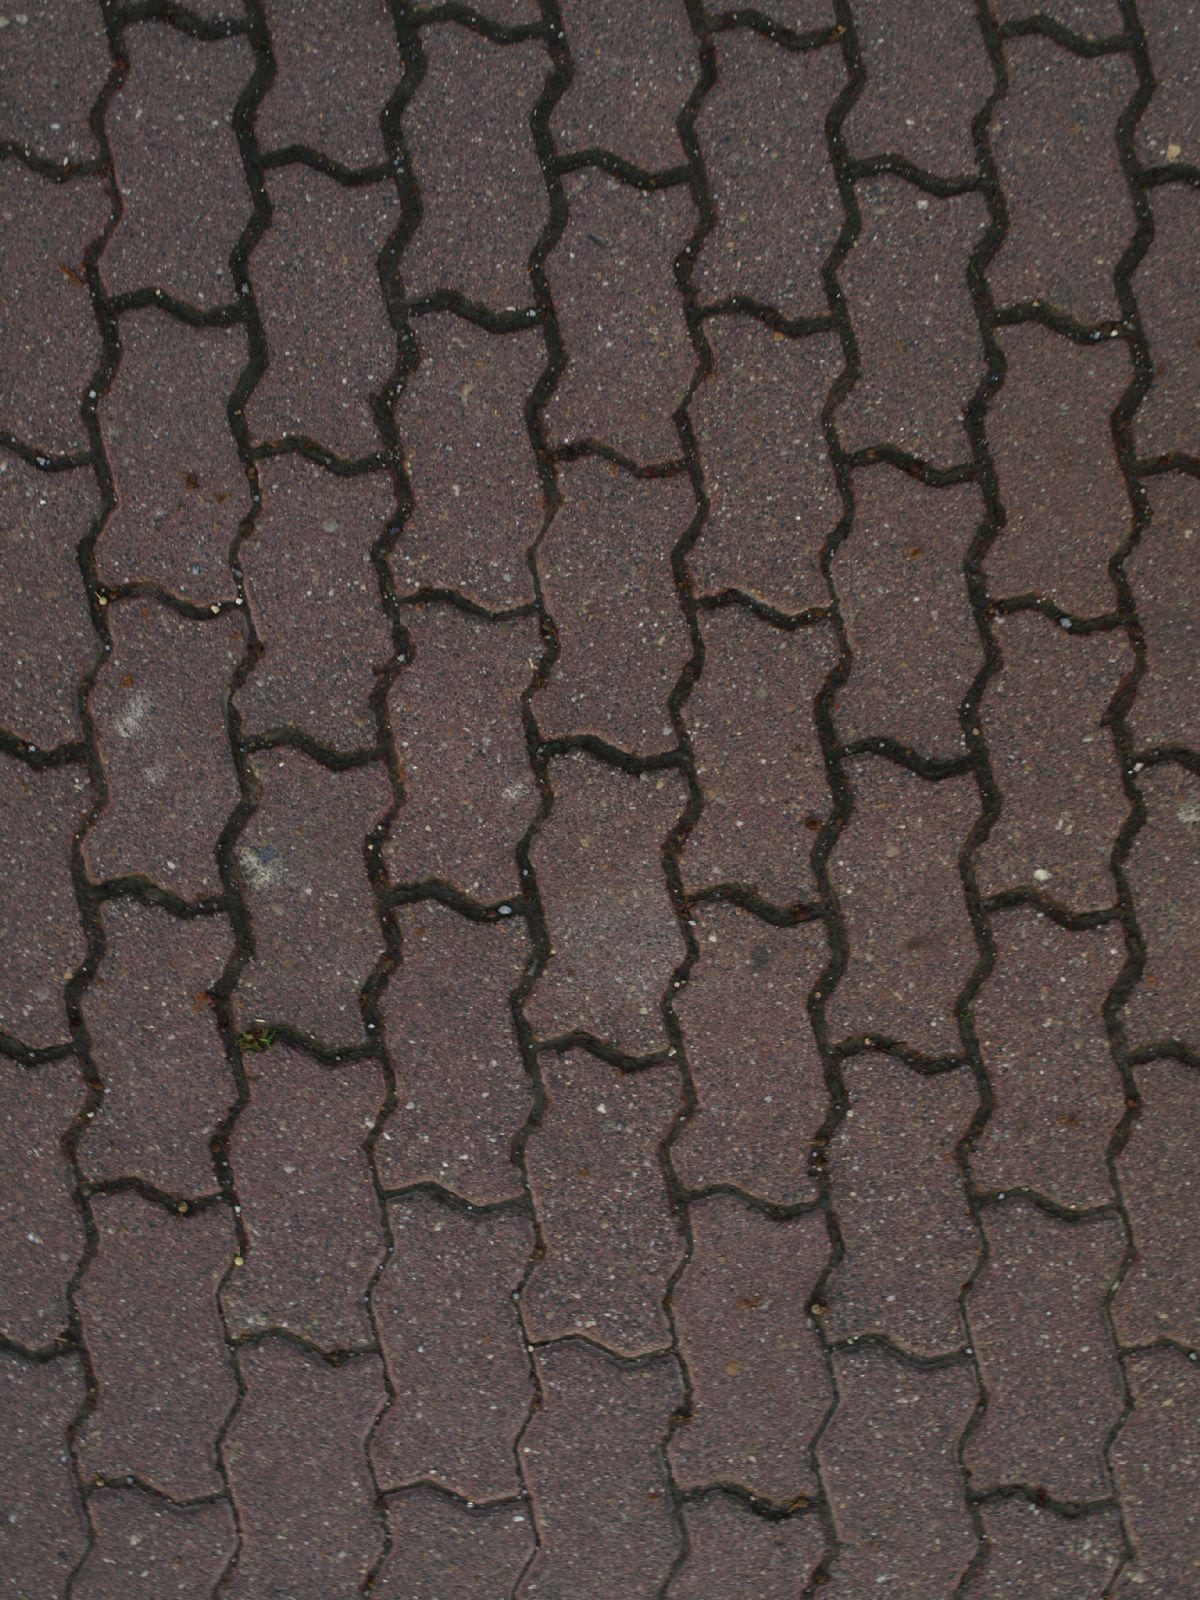 Boden-Gehweg-Strasse-Buergersteig-Textur_A_P8234587